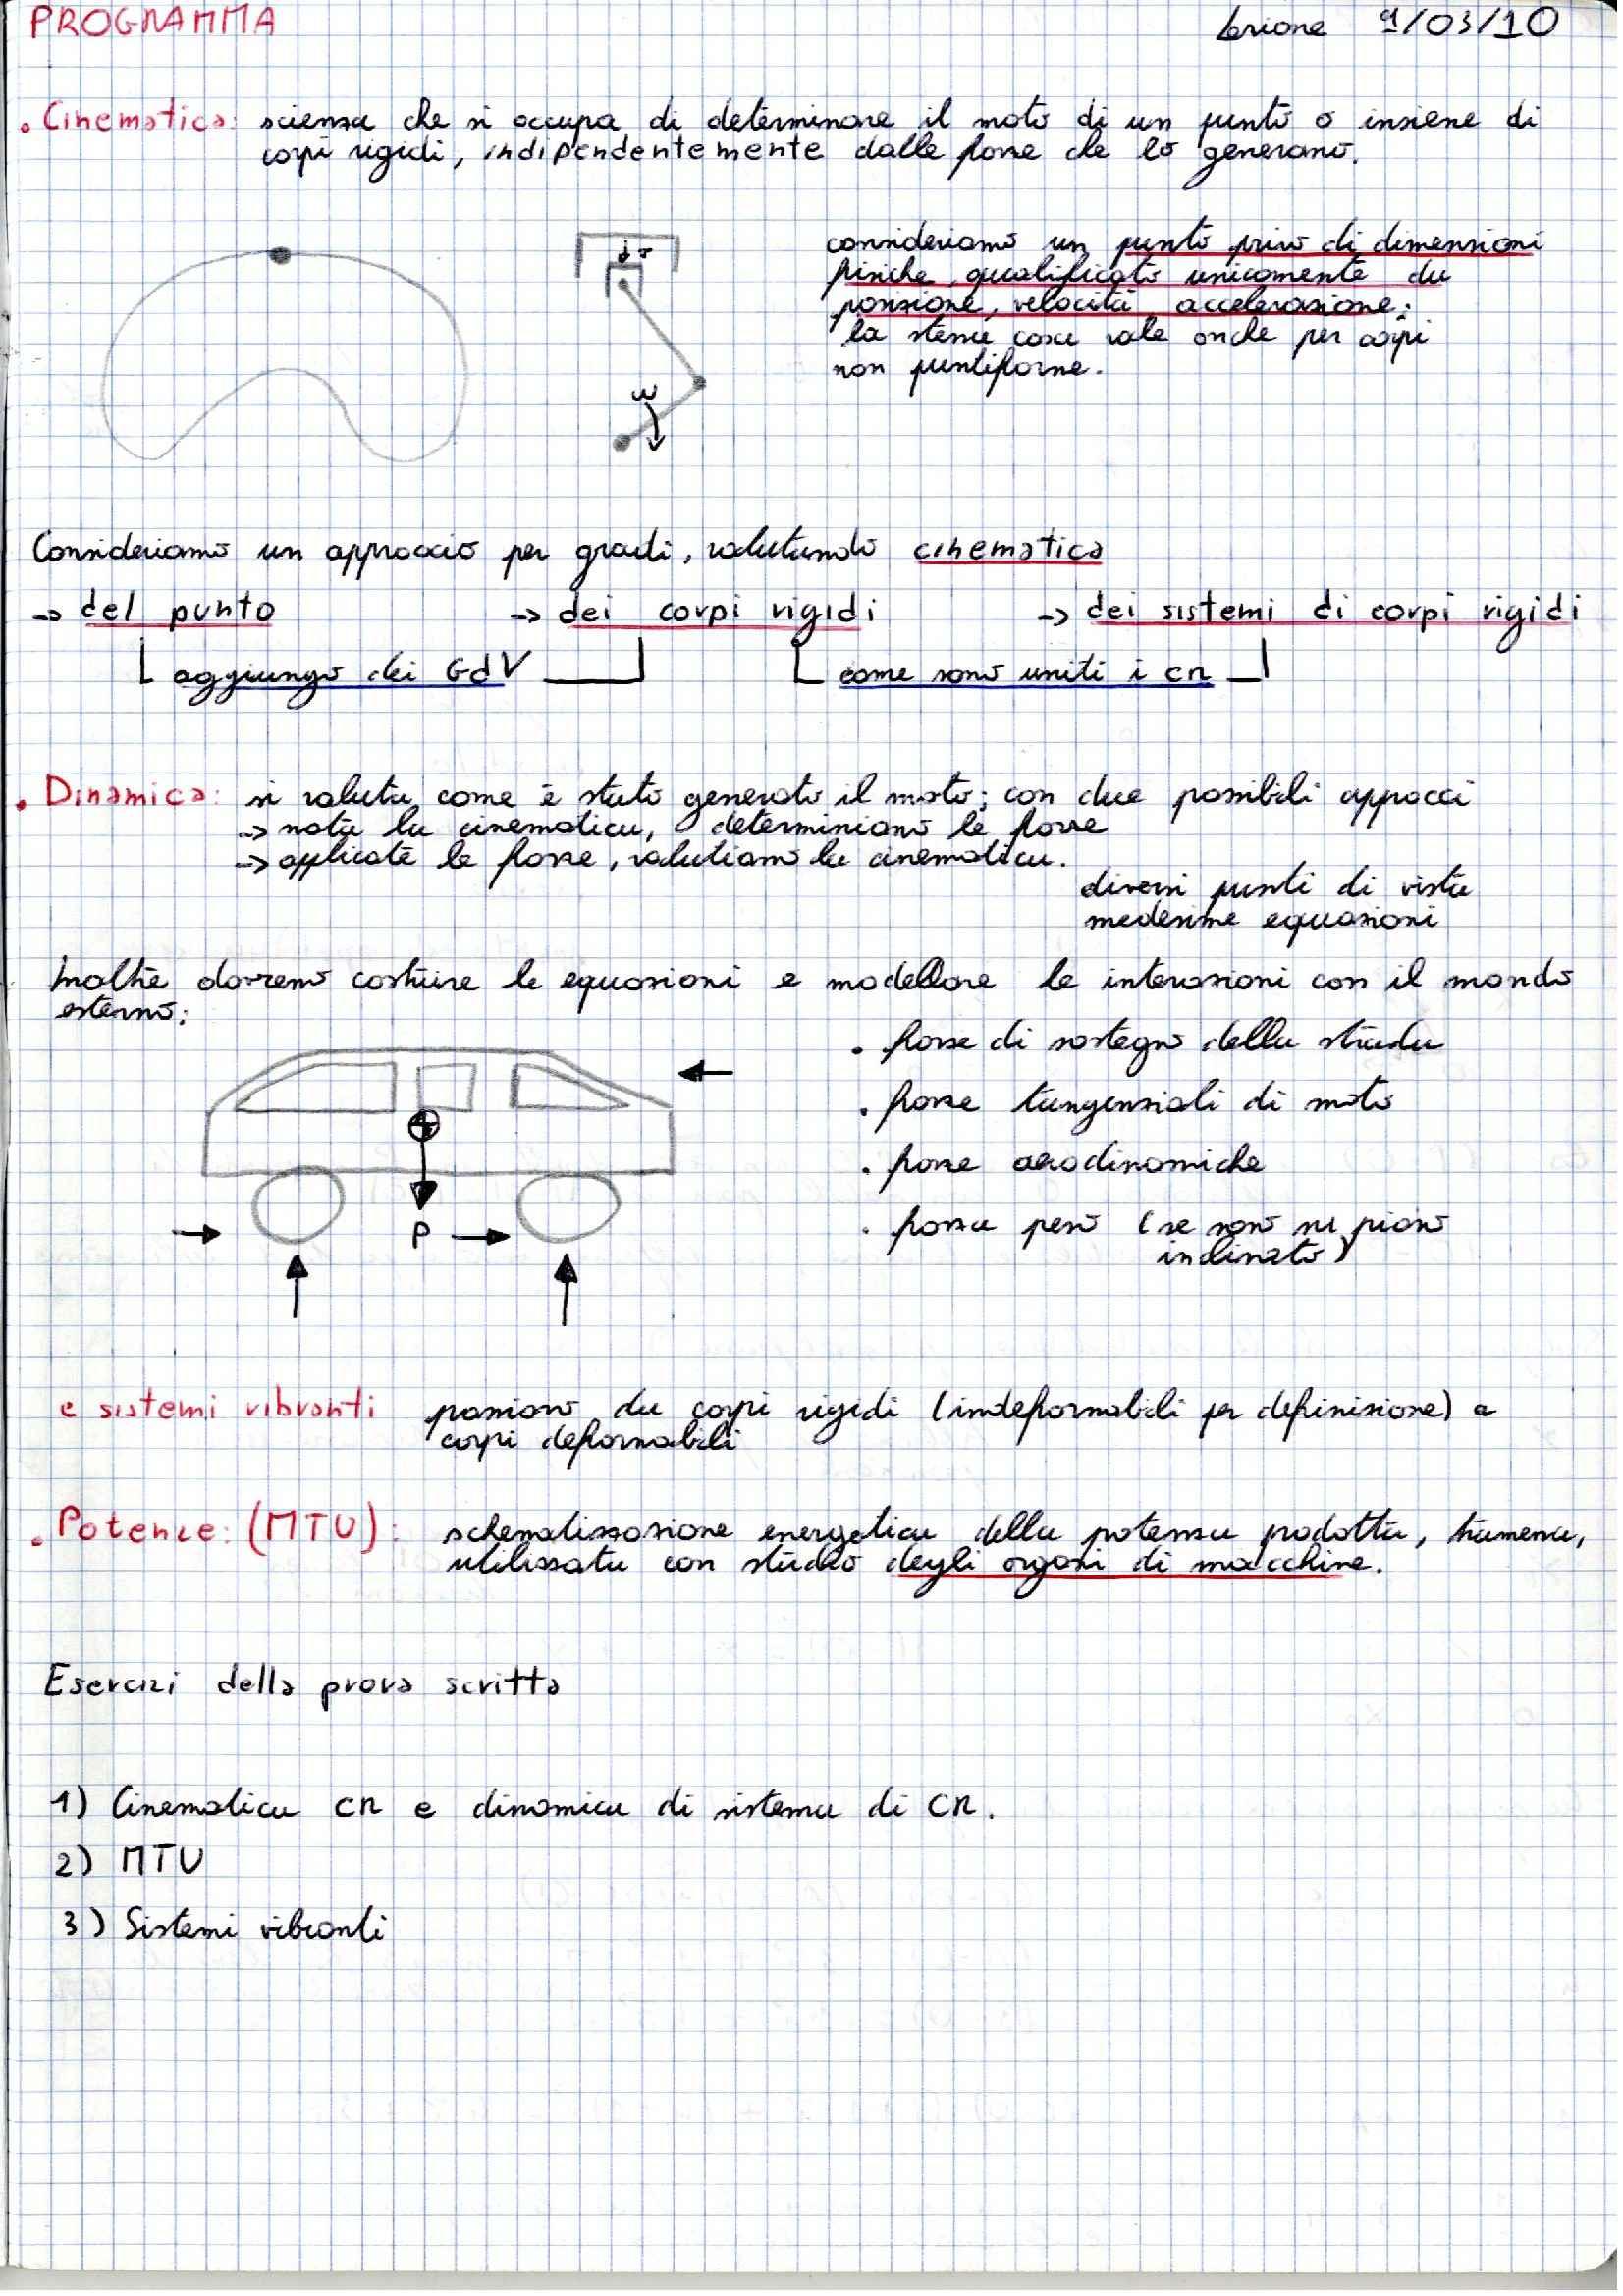 Meccanica applicata alle macchine -  Appunti (prima parte)